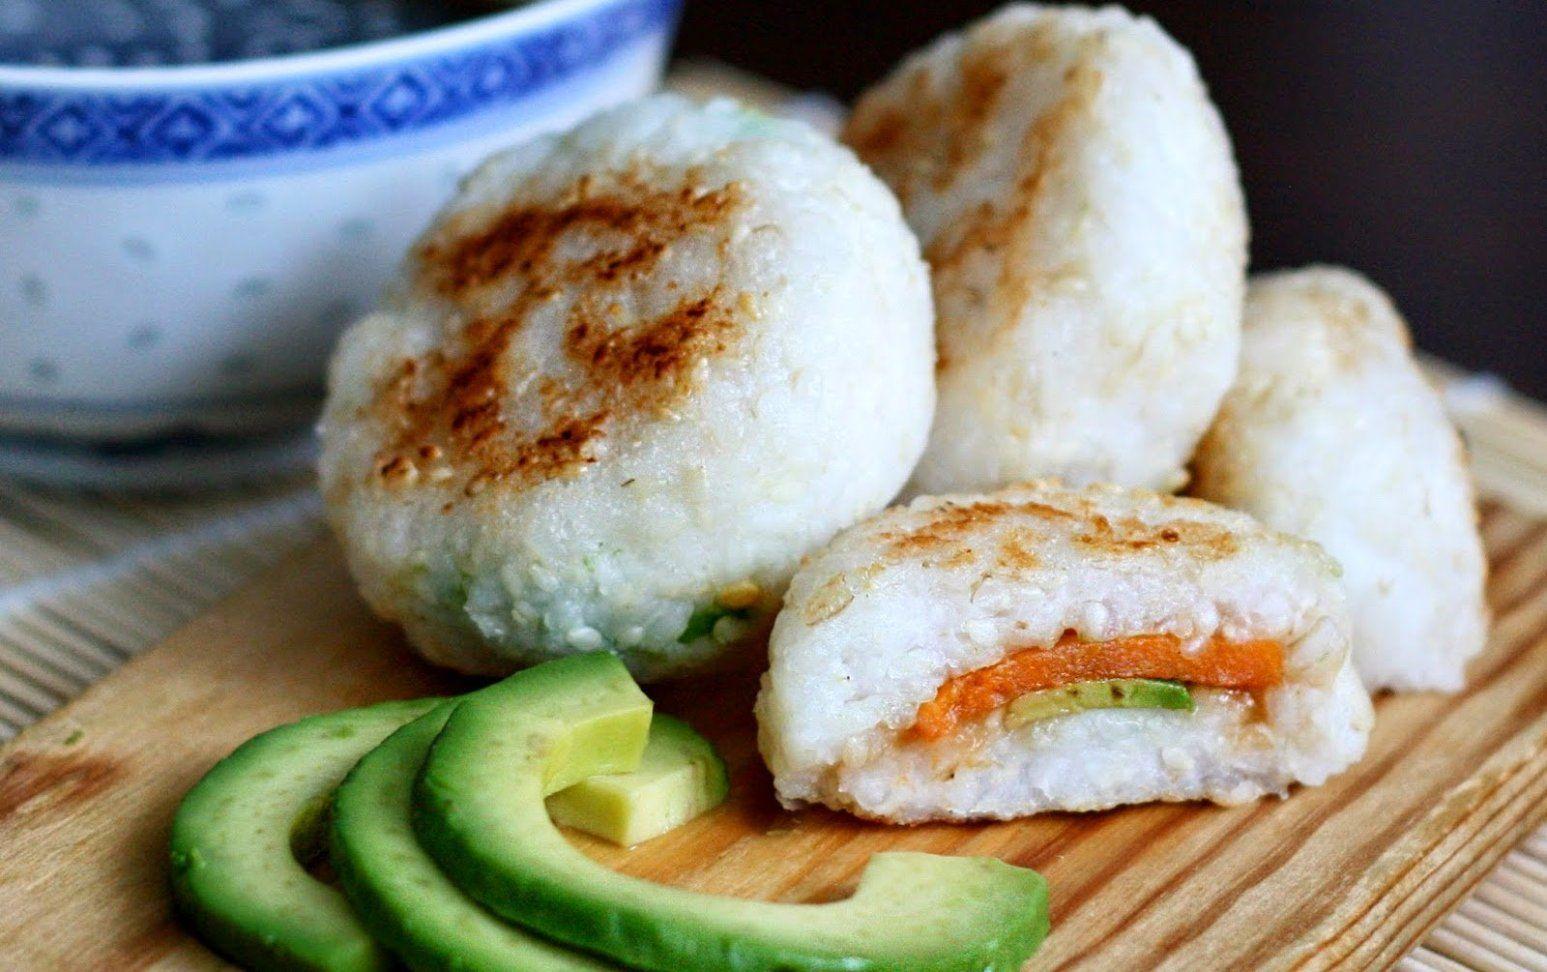 Yaki Onigiri Japanese Rice Balls With Sweet Potato and